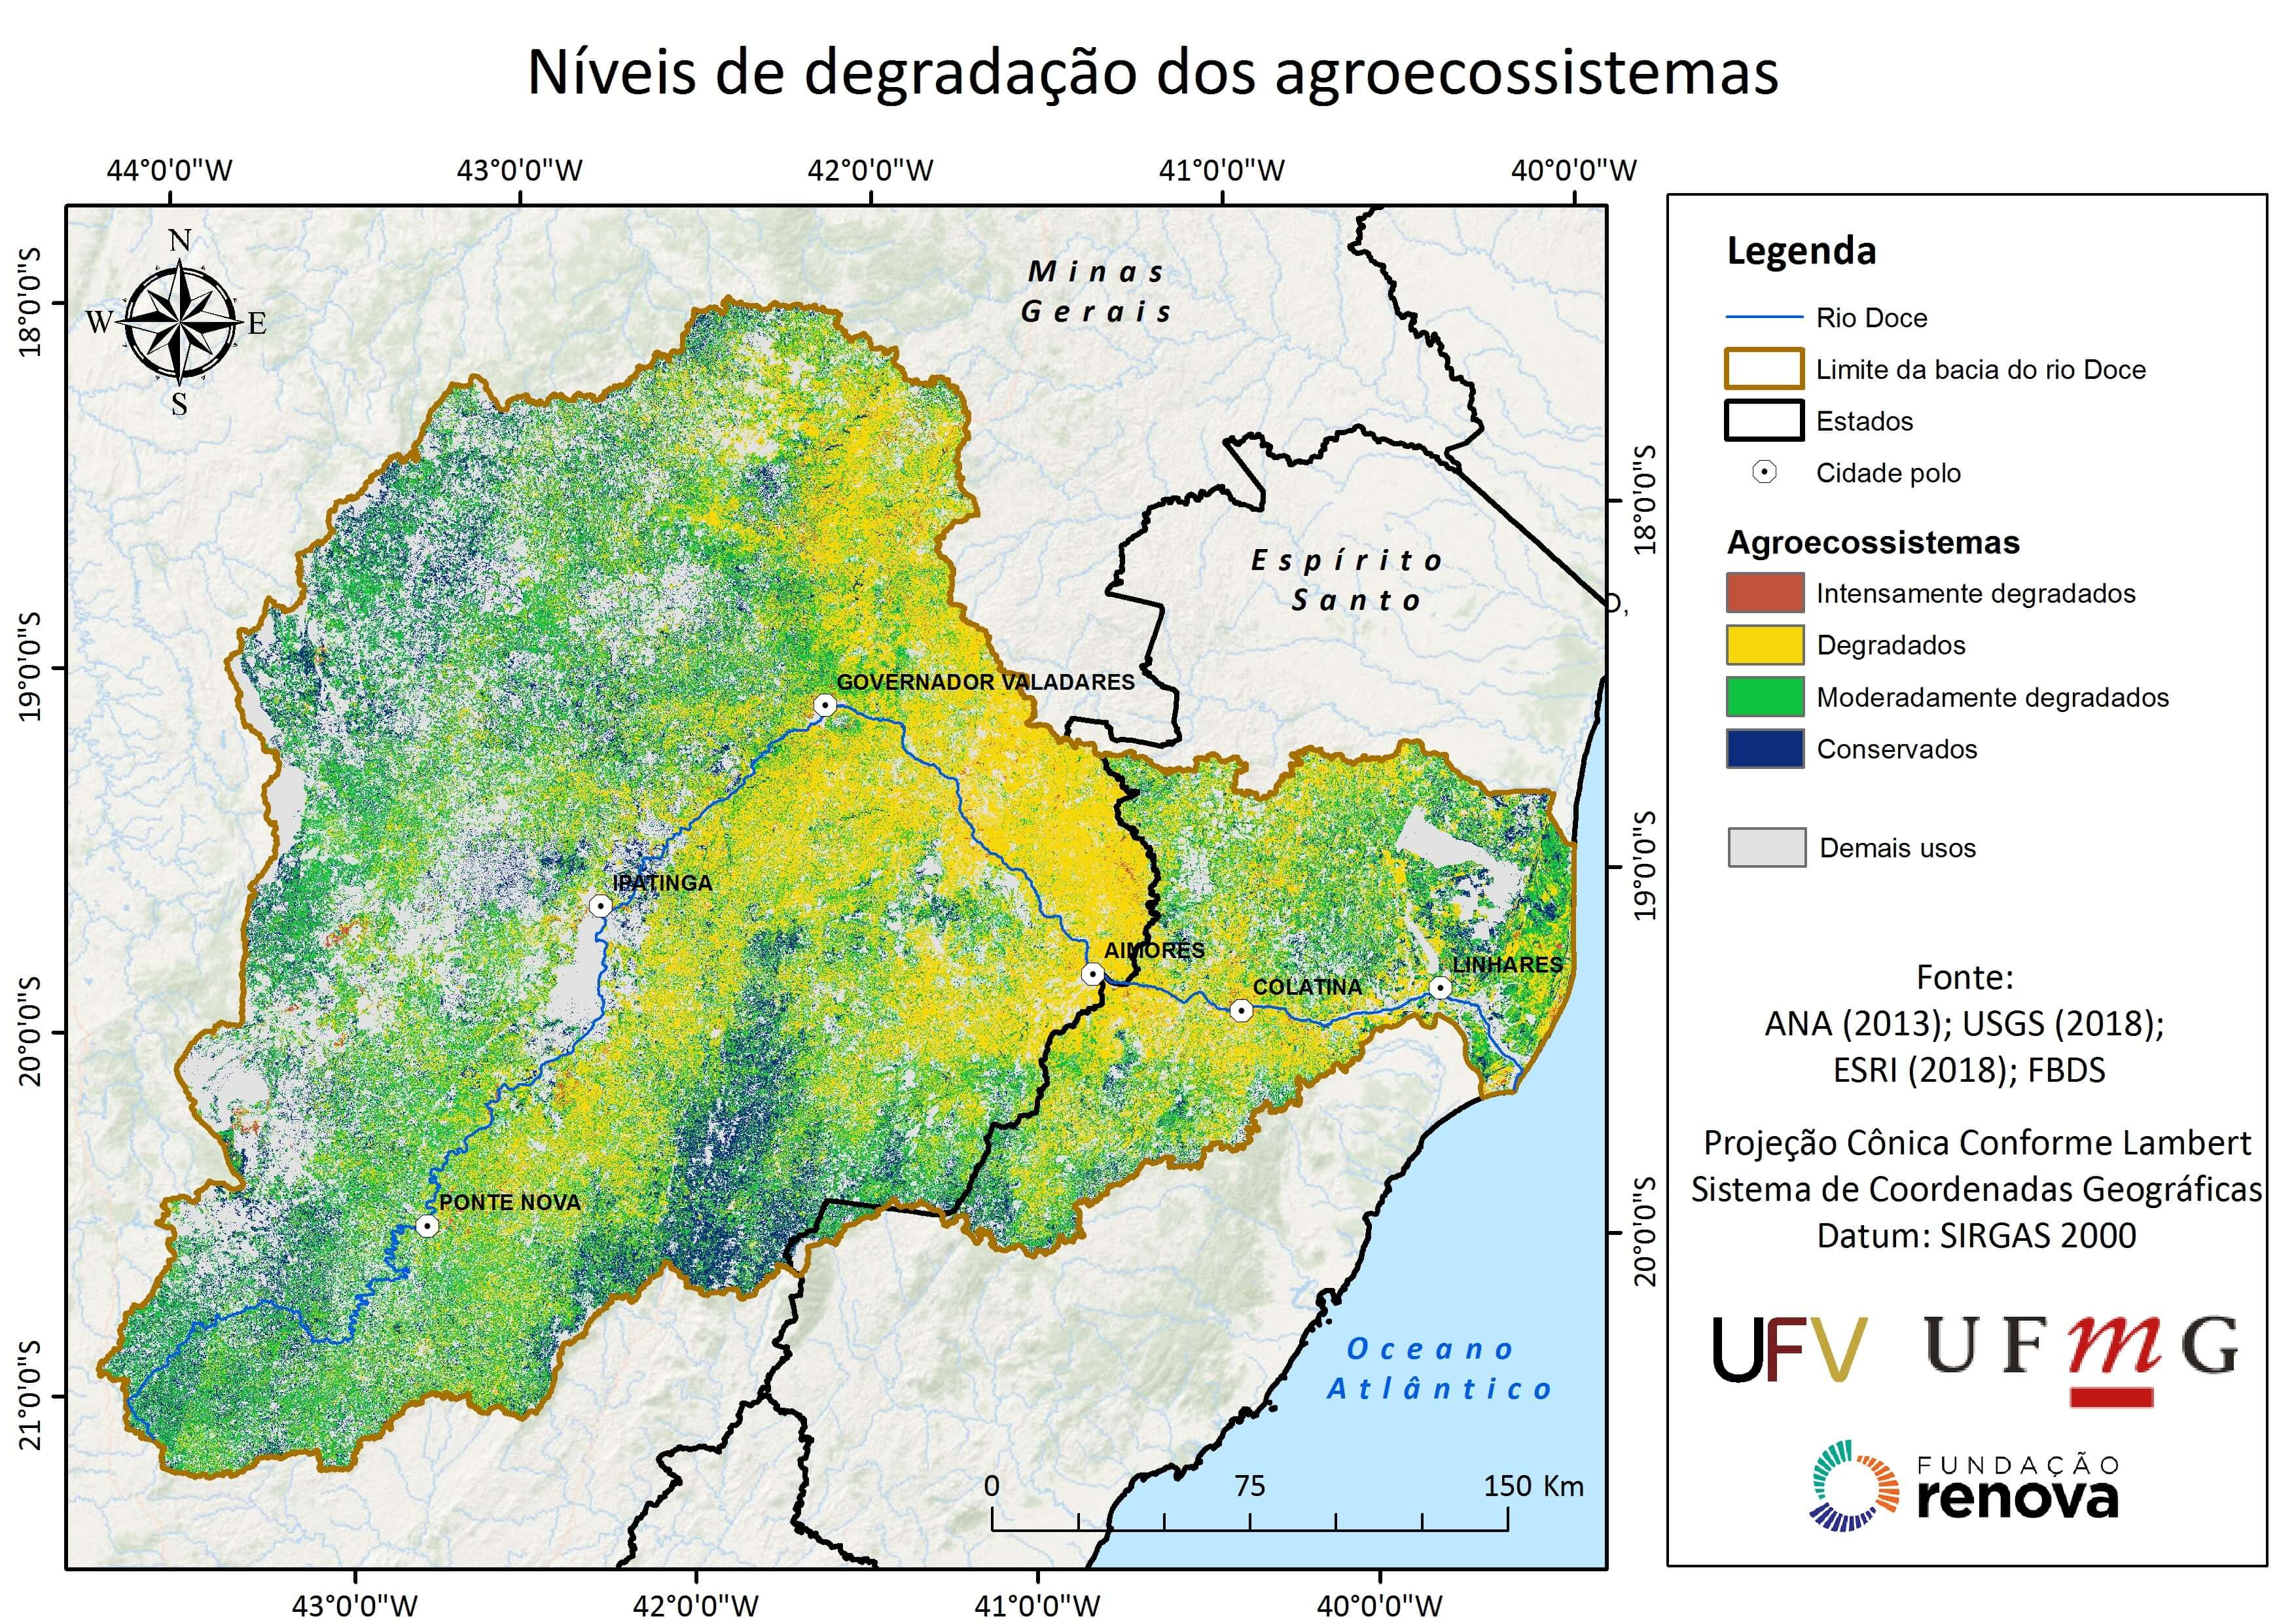 A pesquisa identificou sete fontes principais de degradação ao longo da bacia do rio Doce